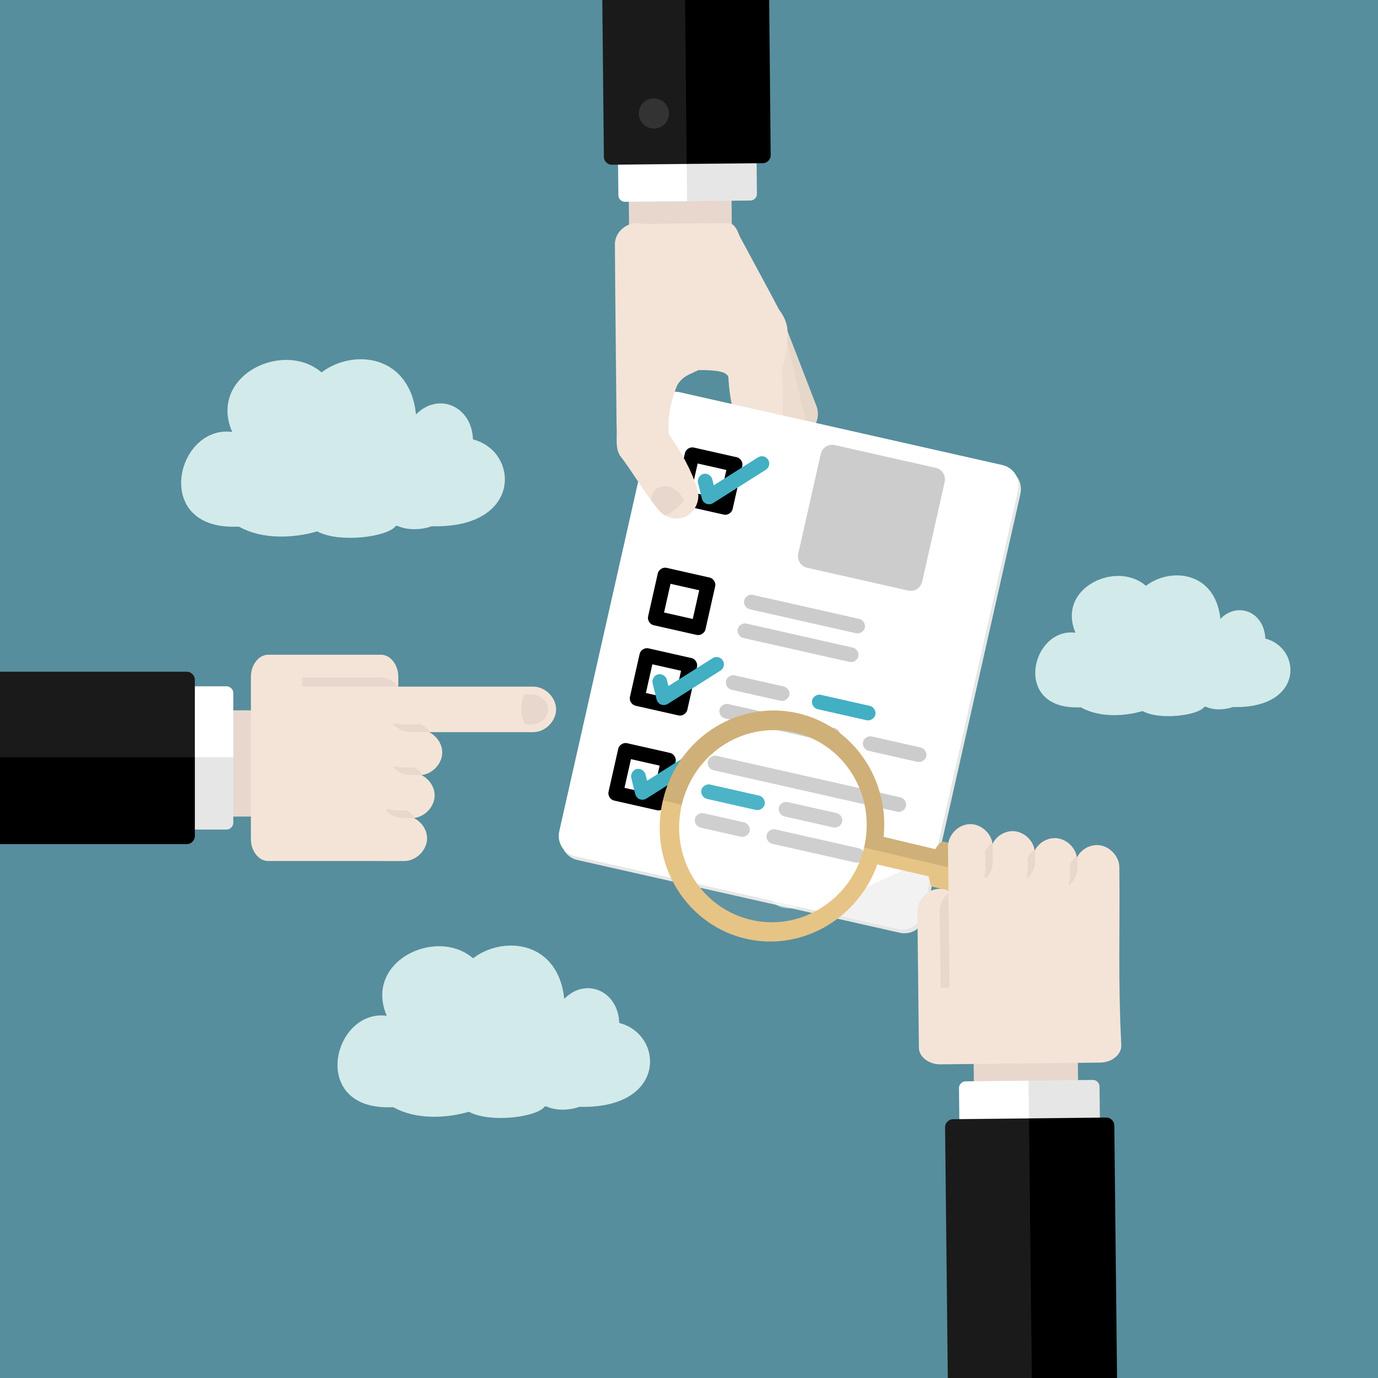 OSE belges : comment réussir votre mise en conformité NIS et obtenir votre certification ISO 27001 ?